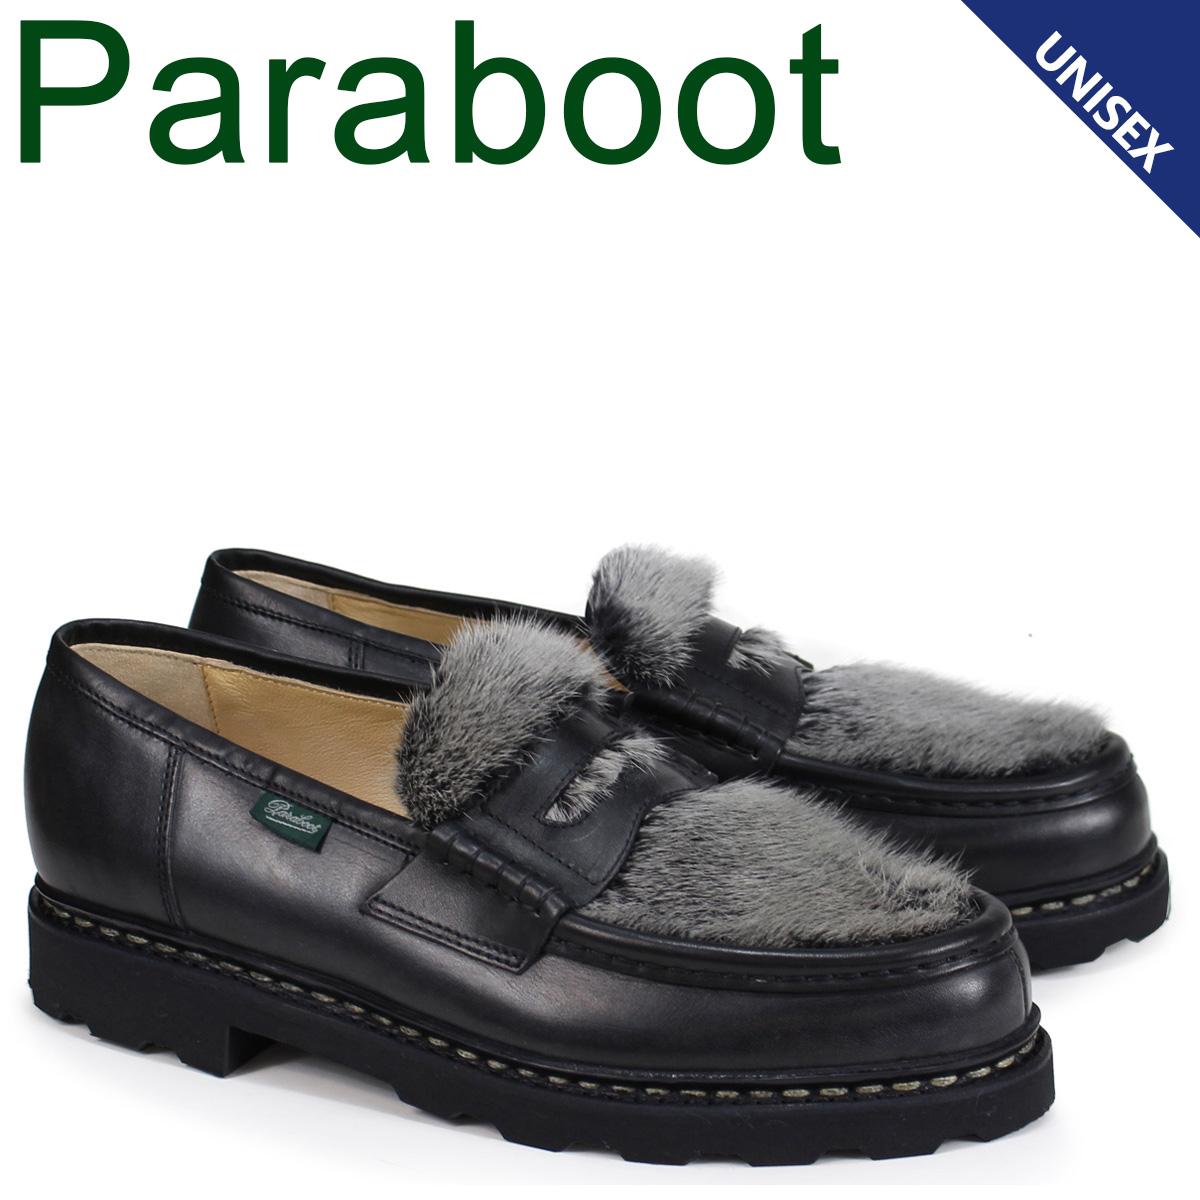 パラブーツ ランス PARABOOT REIMS シューズ ローファー 102985 メンズ ブラック